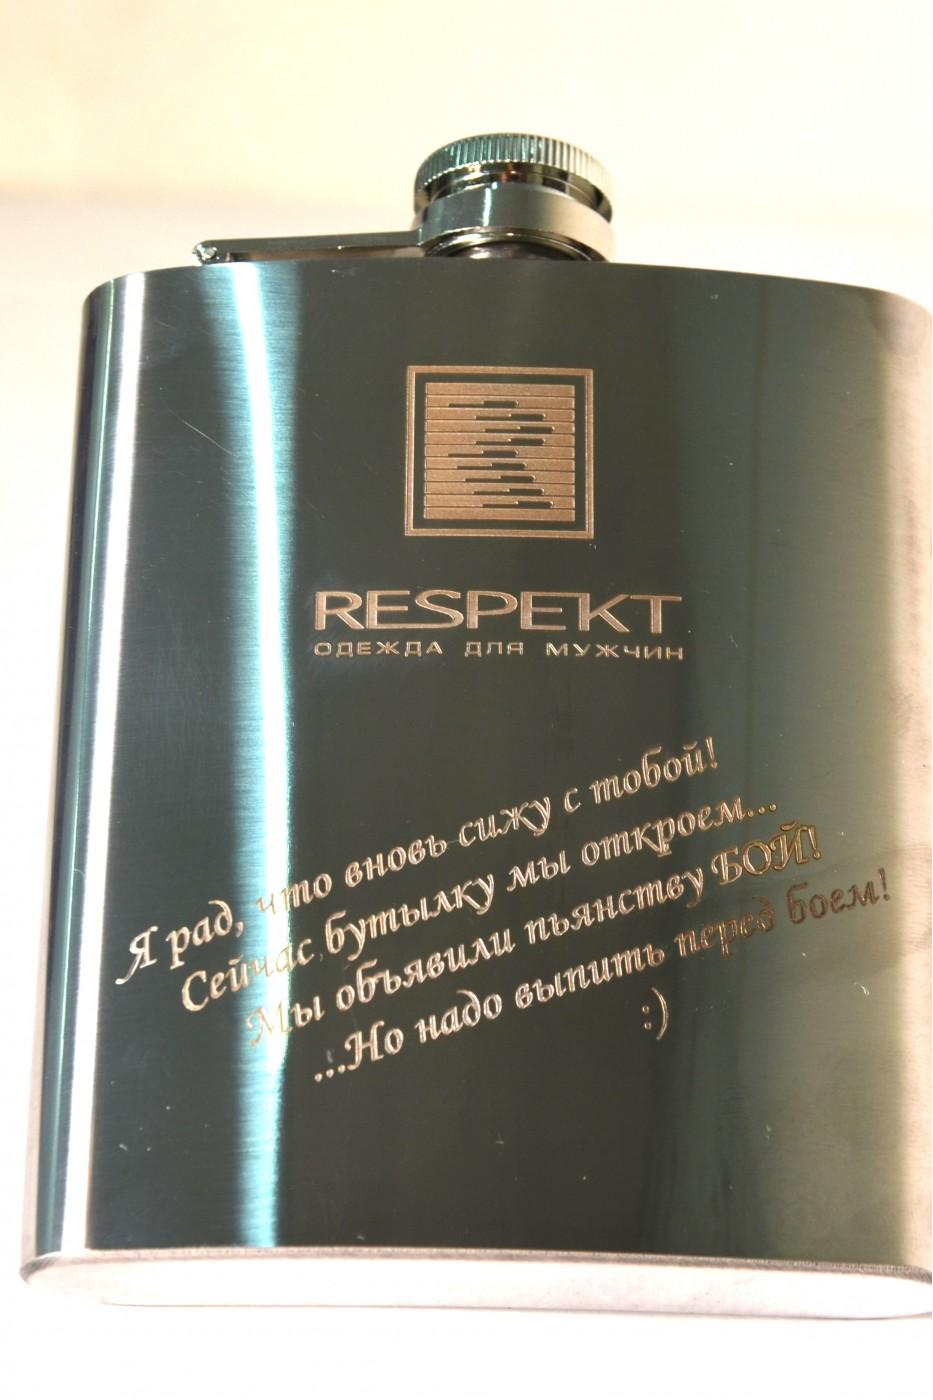 """Алюминиевая фляжка с цитатой """"Выпить перед боем"""""""